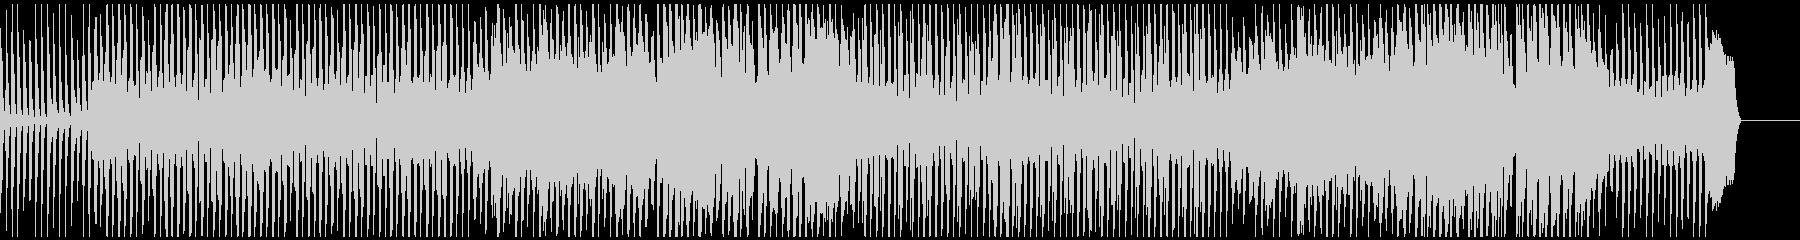 会話シーン向けのリコーダーとピアノBGMの未再生の波形